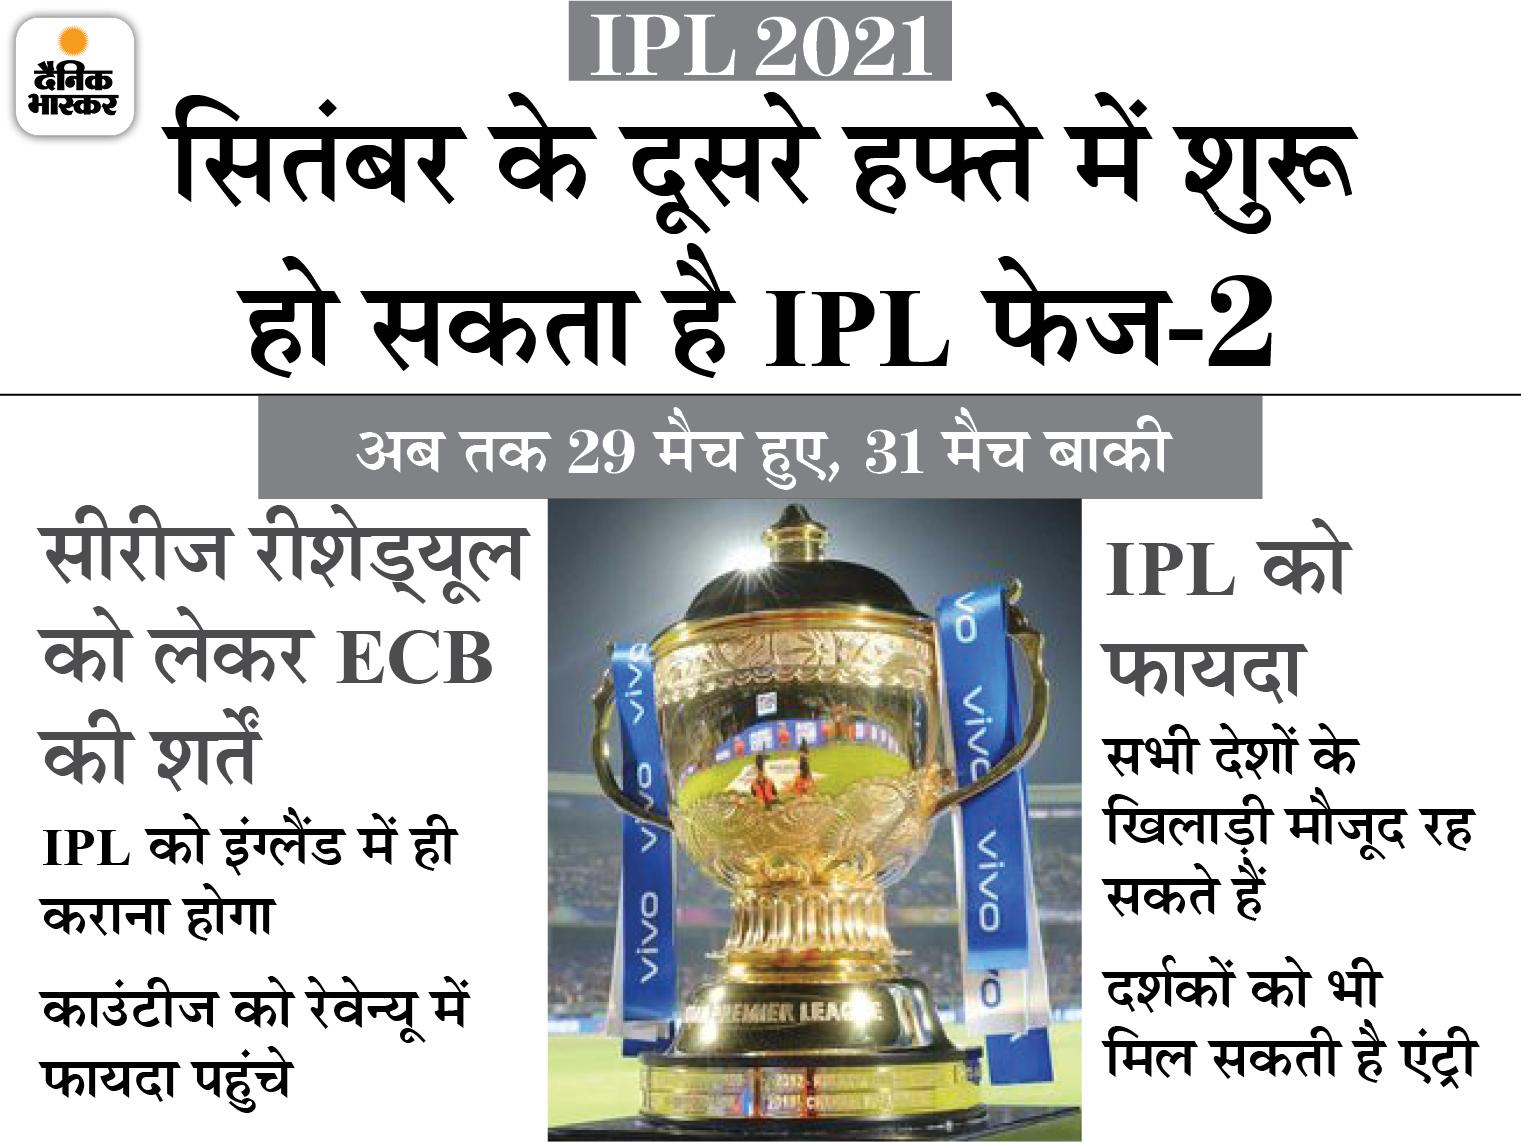 टूर्नामेंट पूरा करने के लिए ECB की मदद ले रहा BCCI; भारत-इंग्लैंड टेस्ट सीरीज को जल्द खत्म किया जा सकता है IPL 2021,IPL 2021 - Dainik Bhaskar